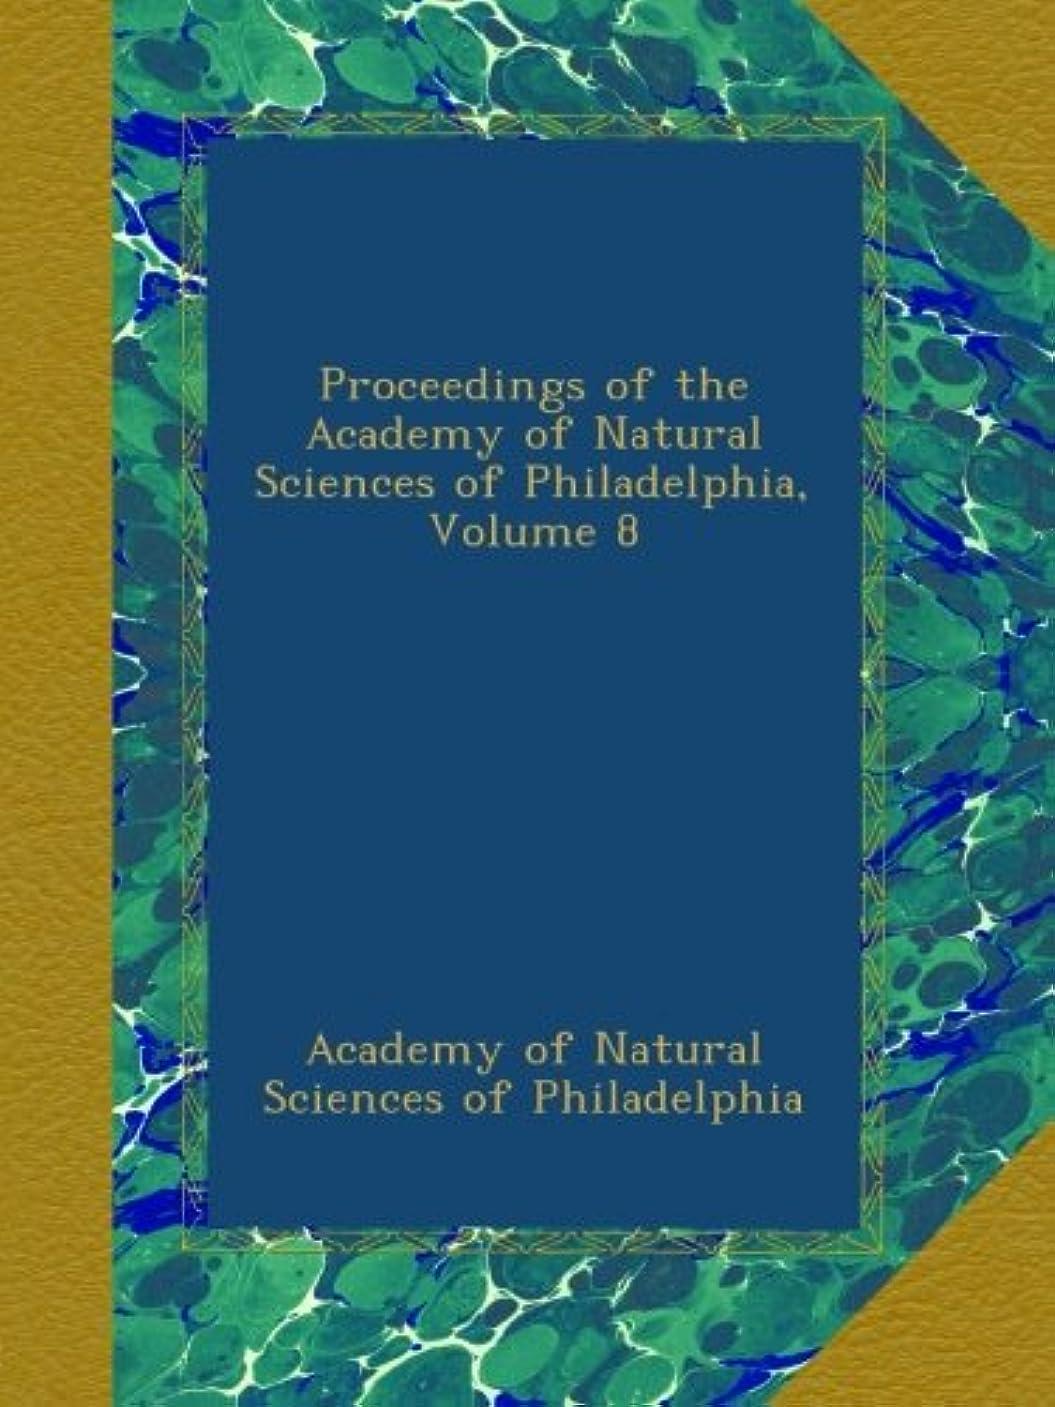 コンベンション群れ確保するProceedings of the Academy of Natural Sciences of Philadelphia, Volume 8